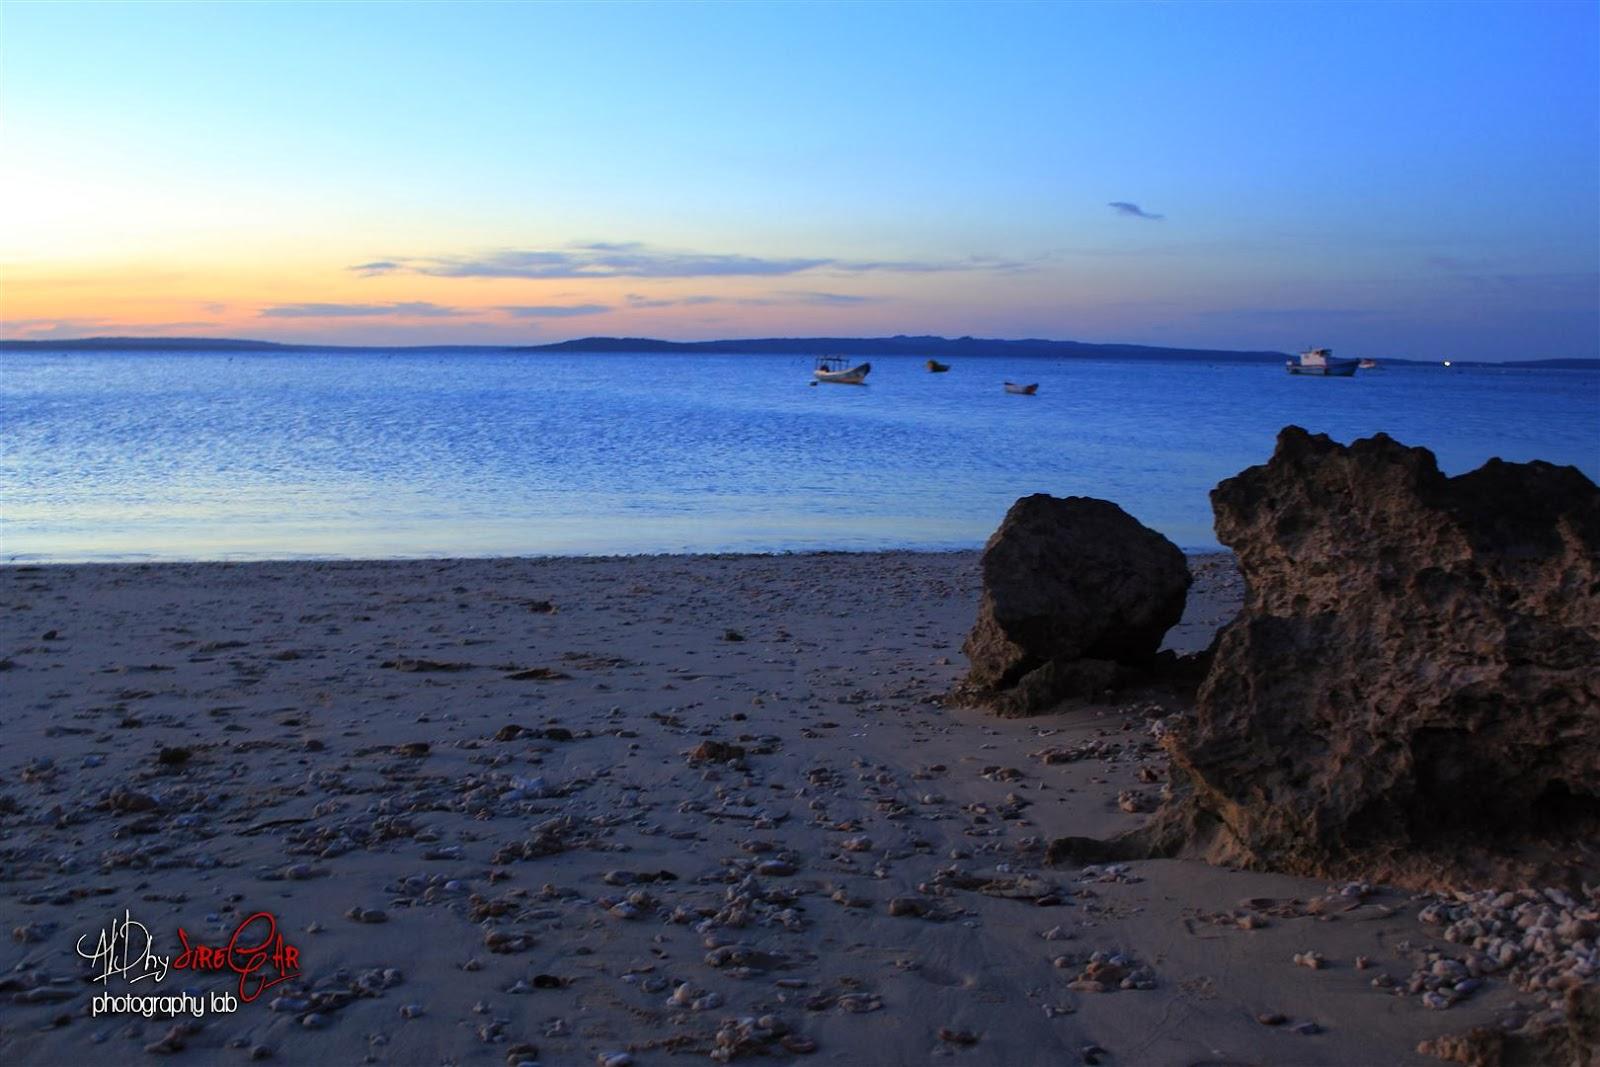 Hunting 31 Pantai Tablolong Kupang Aldhy Siregar Photography Lab Canoon